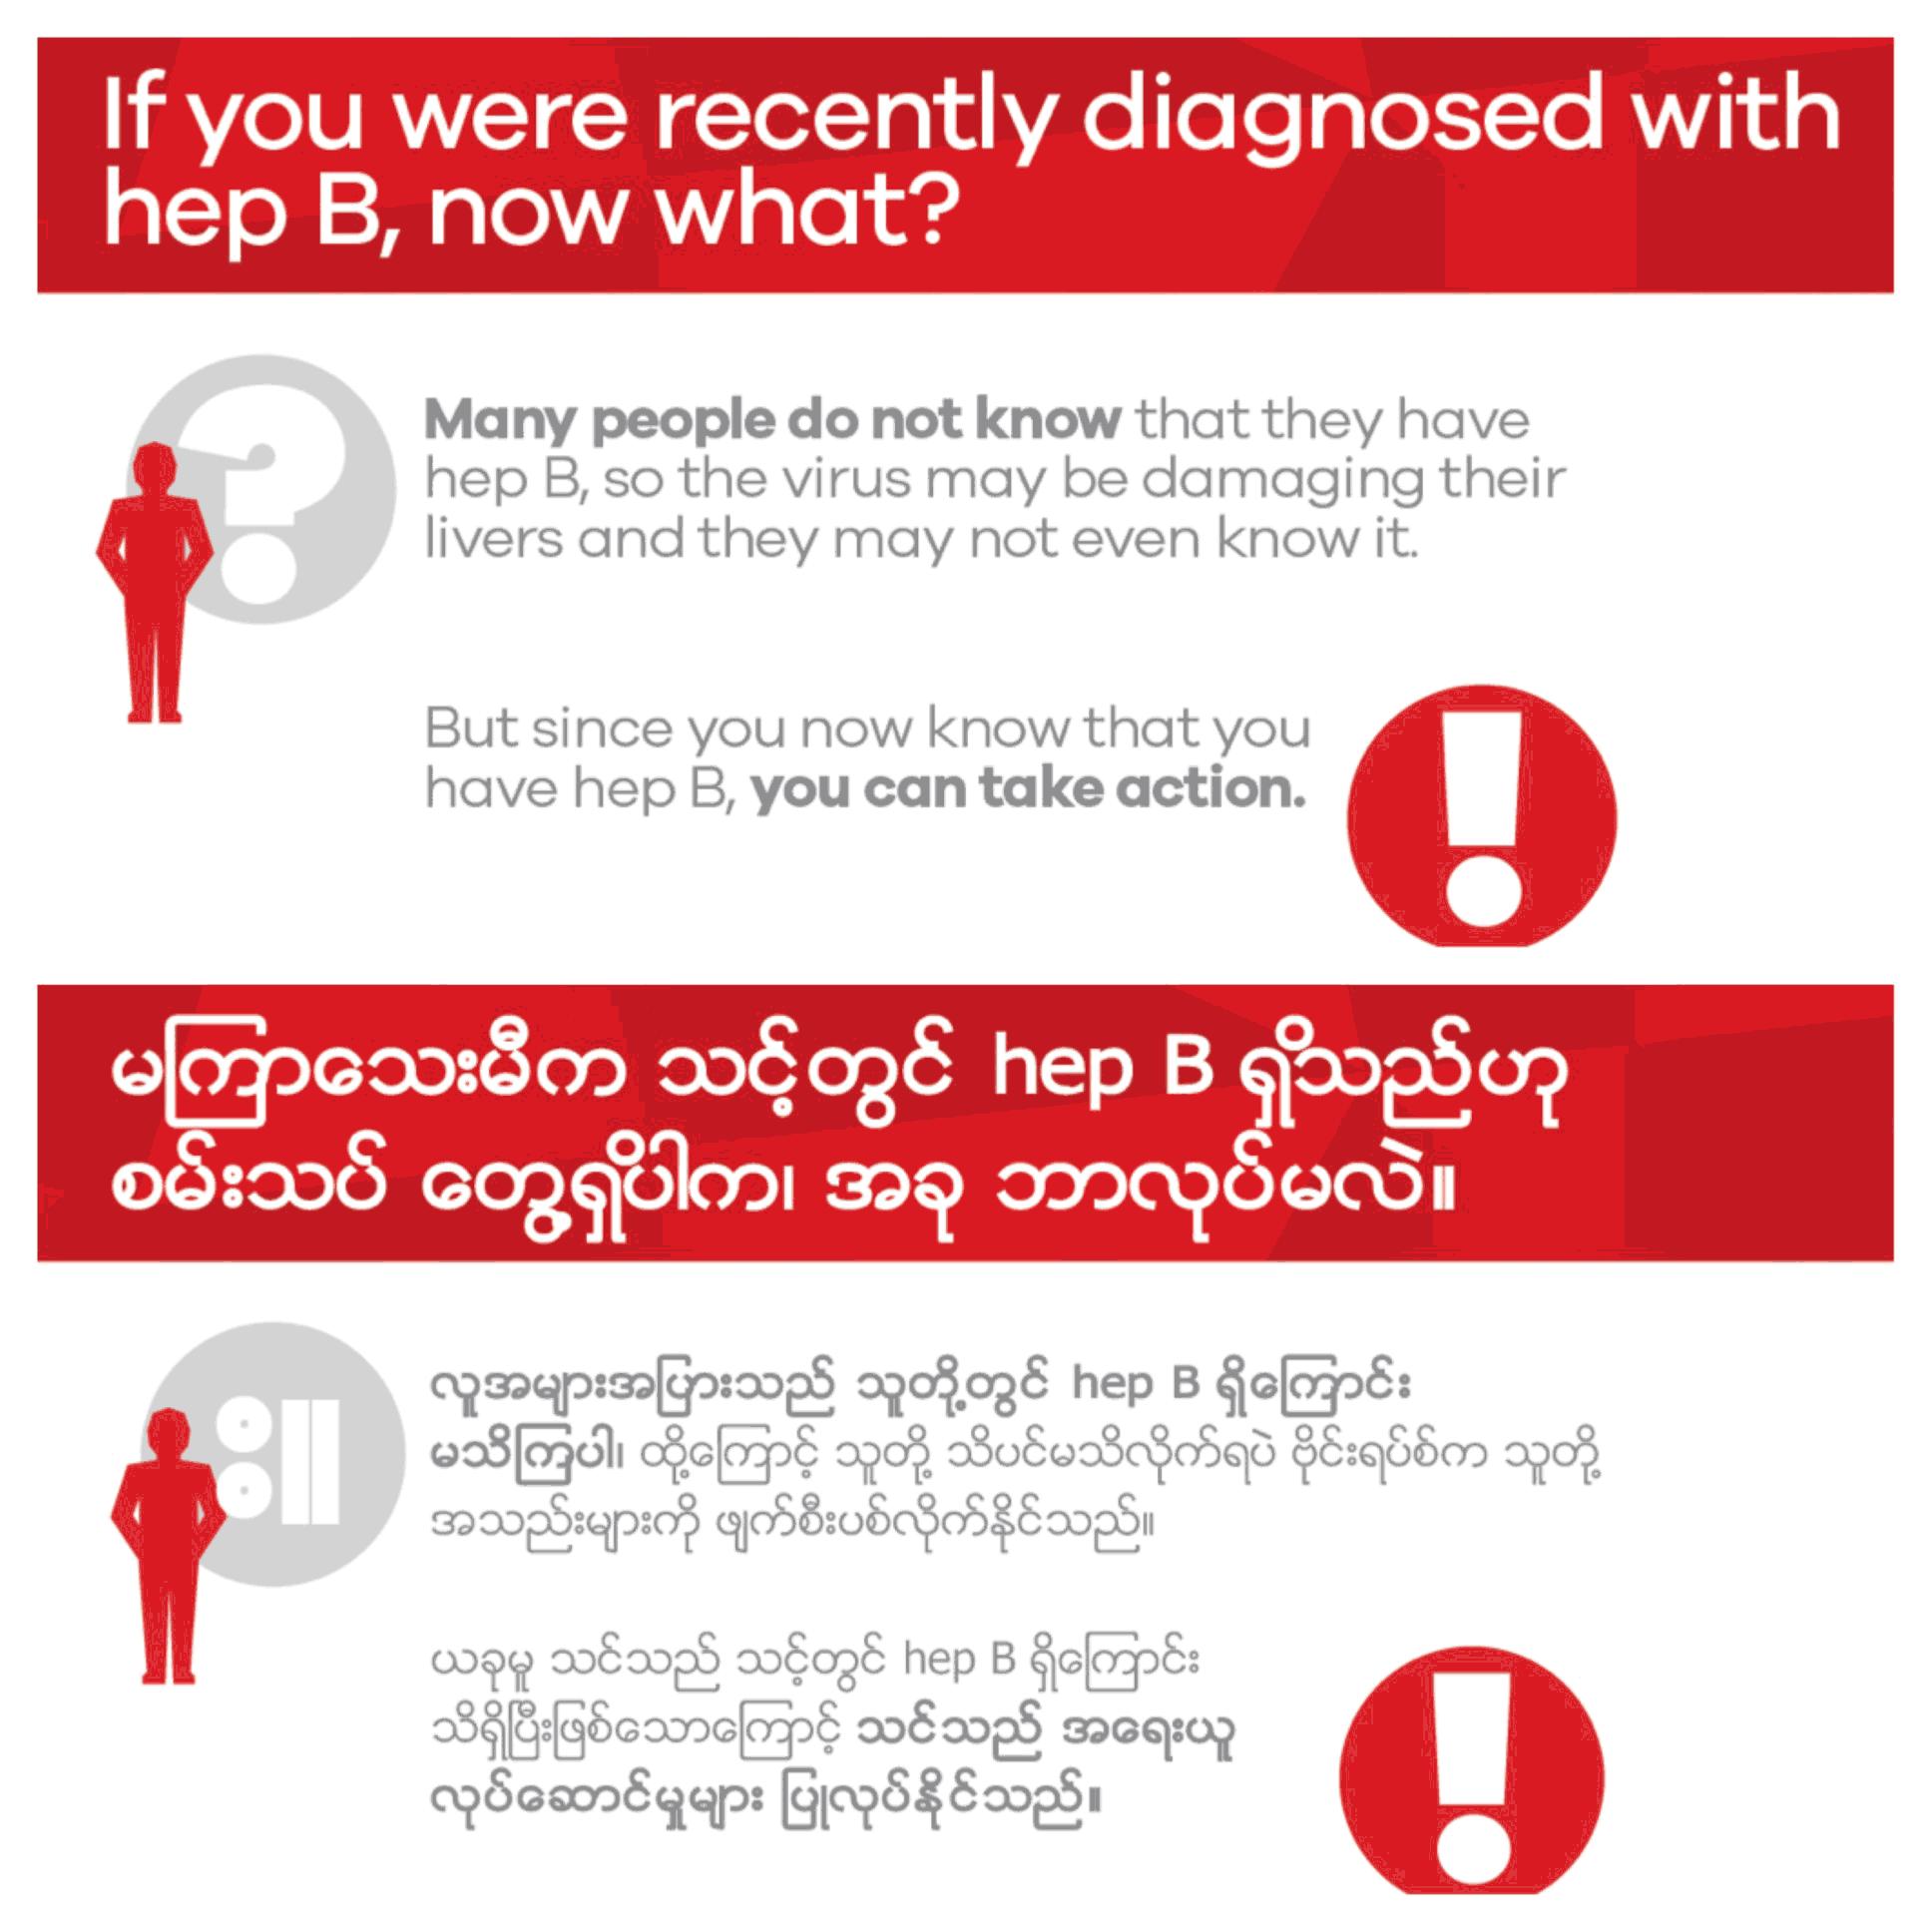 burmese typesetting